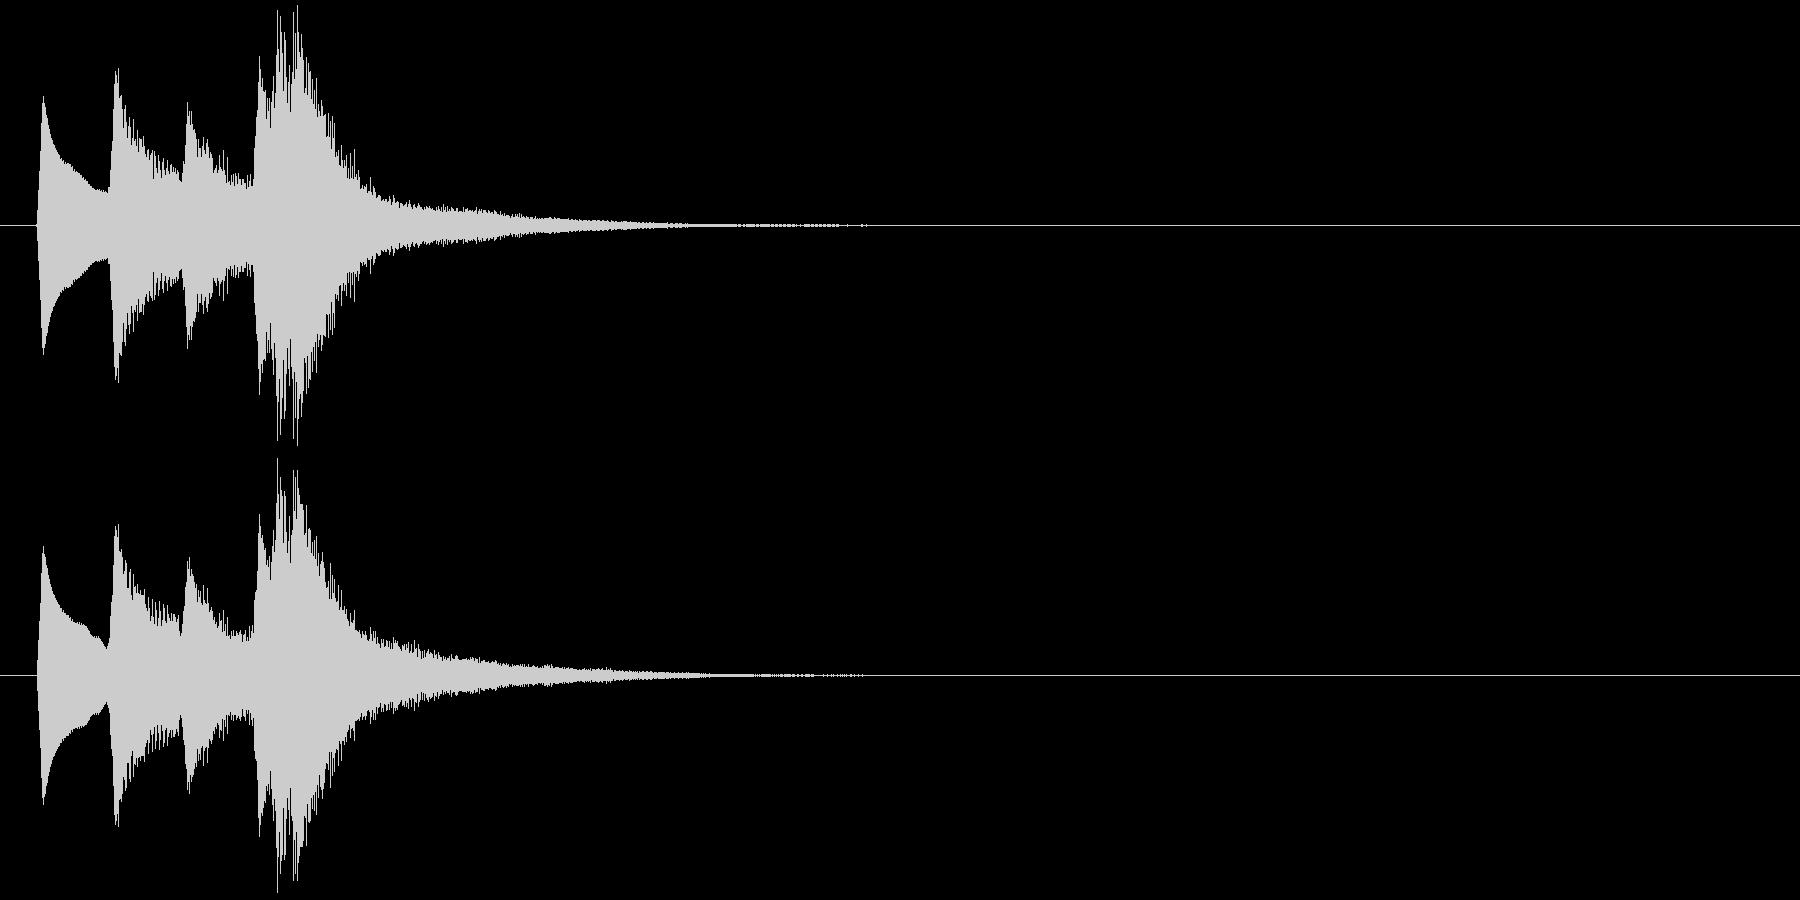 ピロリッ↑(シンプル、決定音、かわいい)の未再生の波形